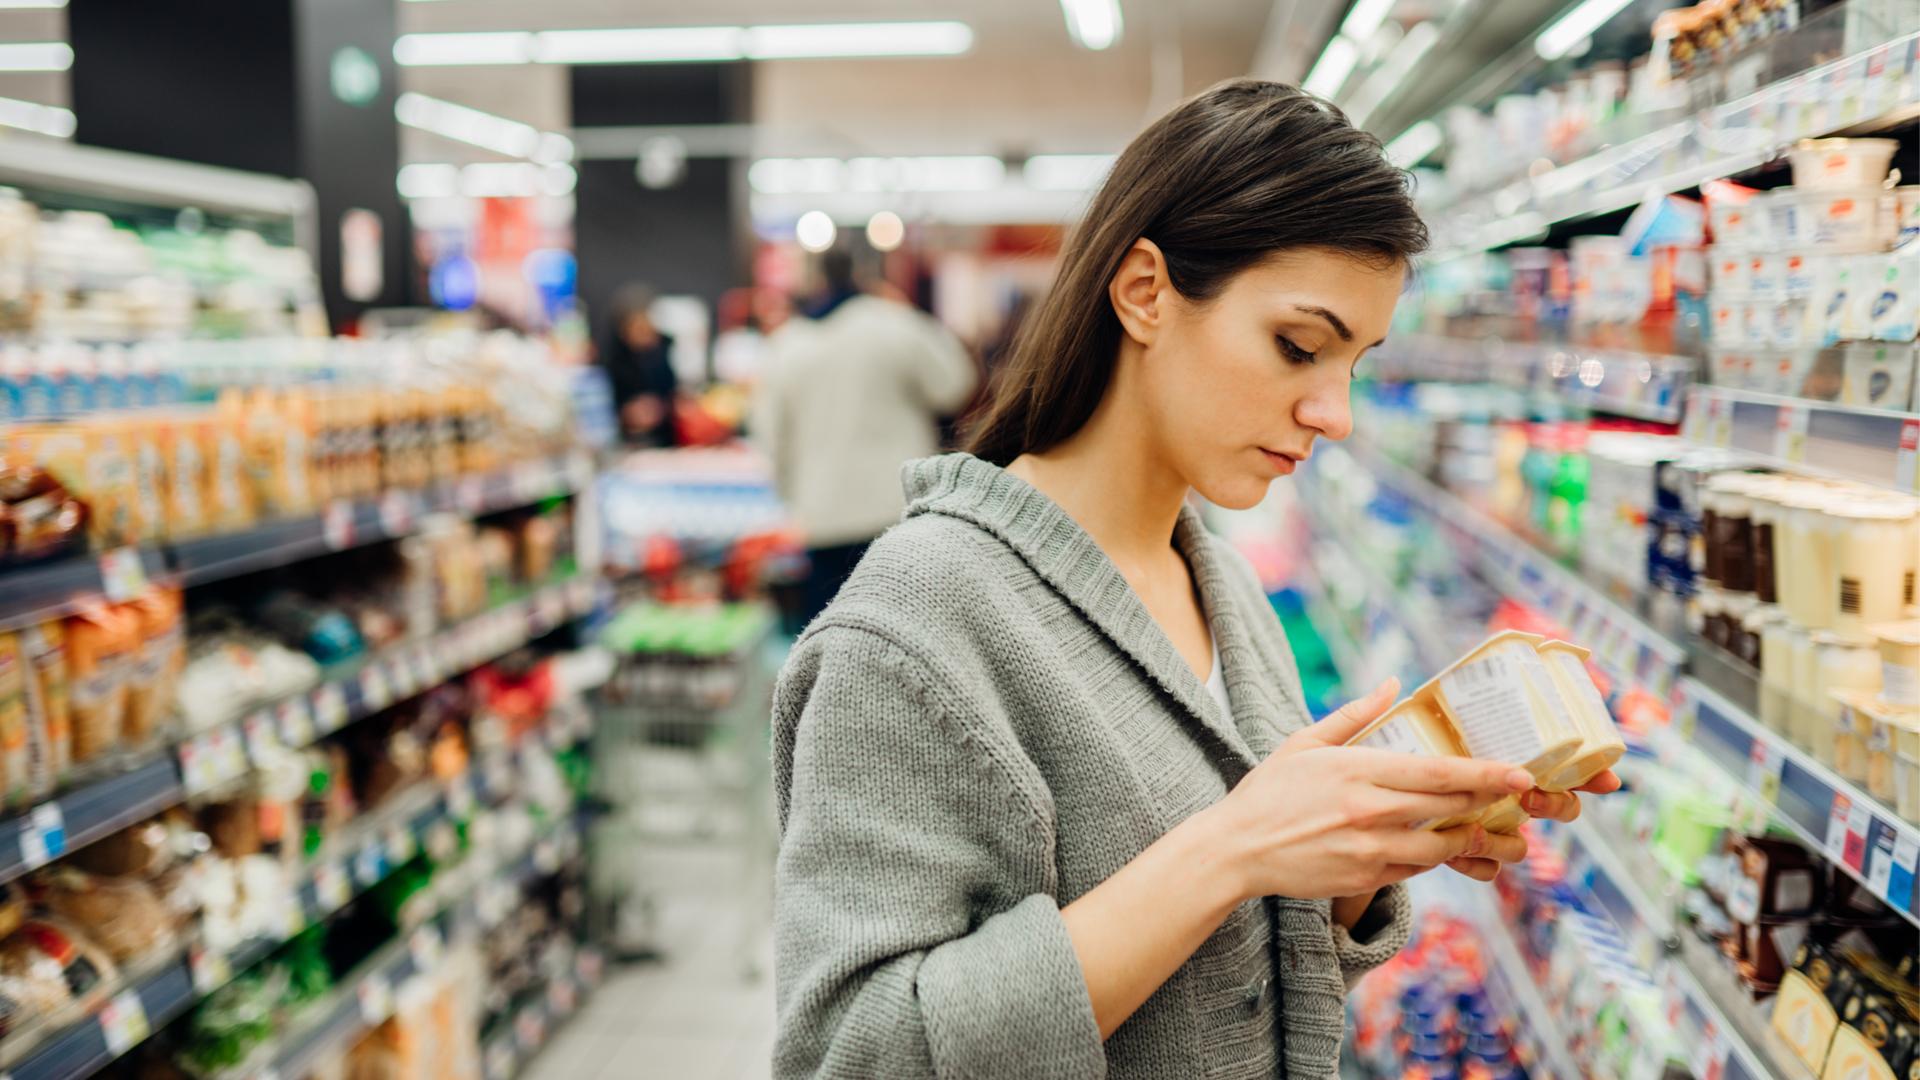 Nahrungsmittelunverträglichkeit – wenn Essen Beschwerden verursacht